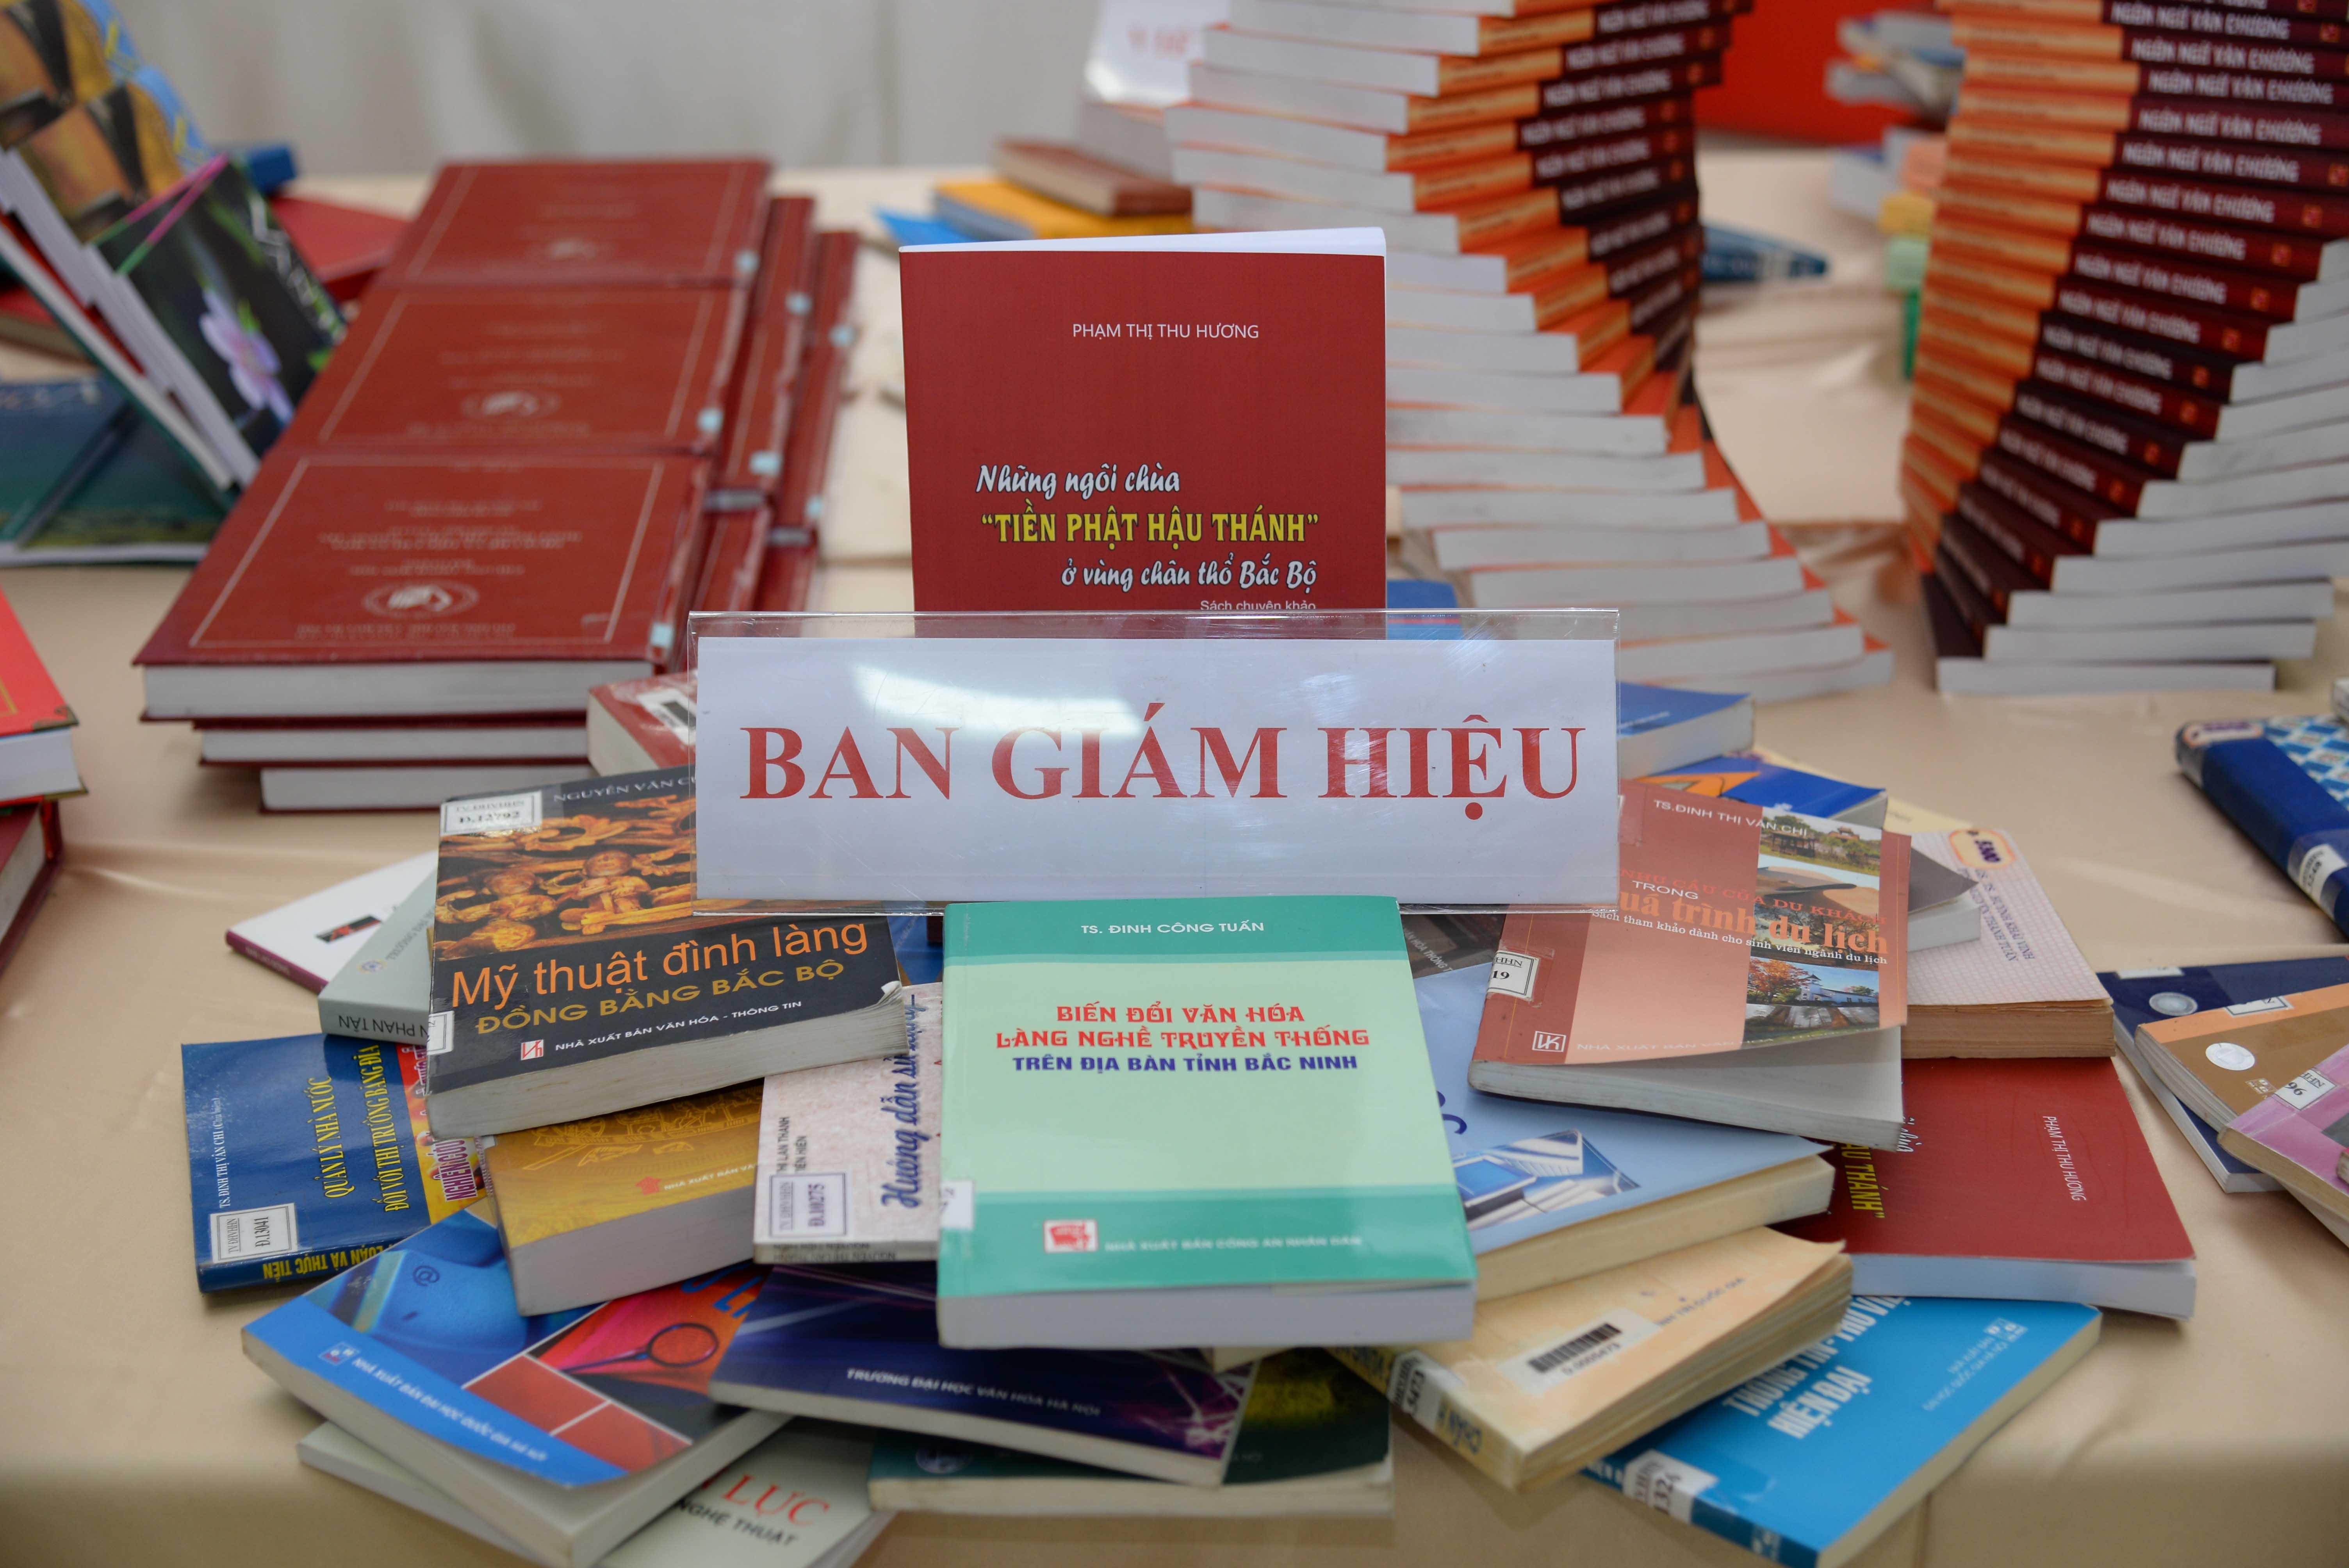 Khai mạc triển lãm sách kỷ niệm 60 năm thành lập Trường Đại học Văn hóa Hà Nội